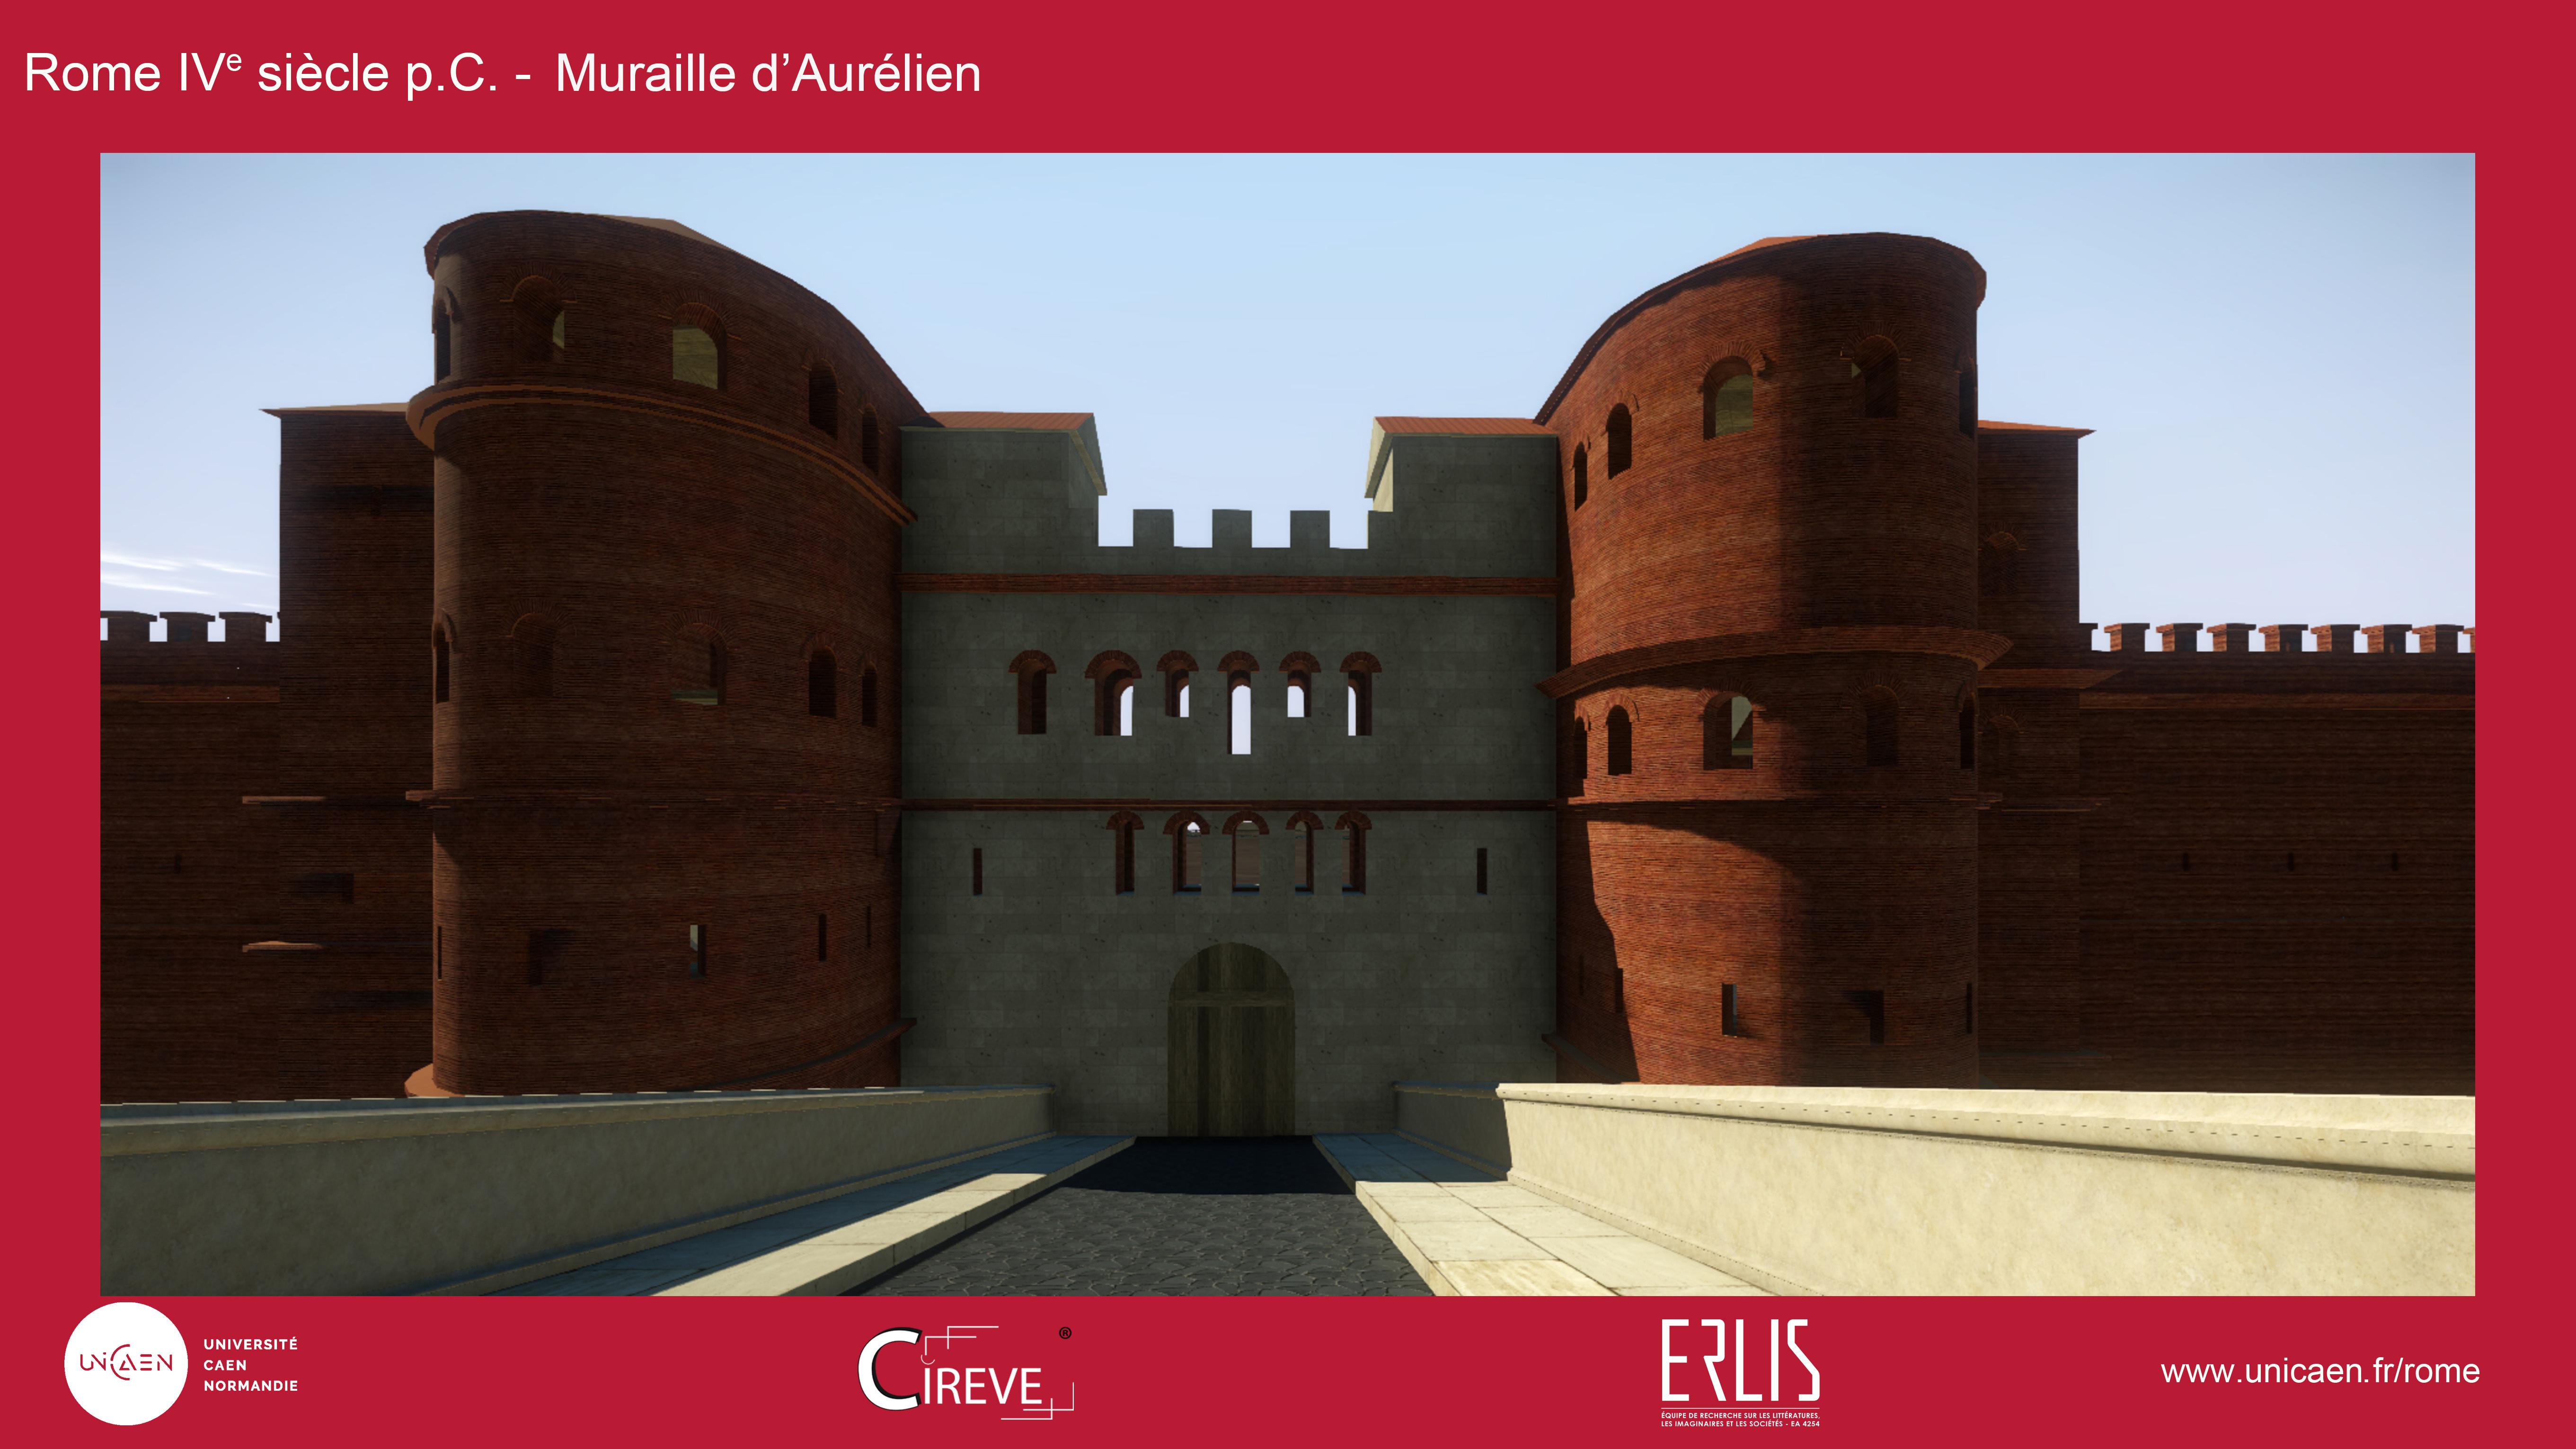 Muraille d'Aurélien